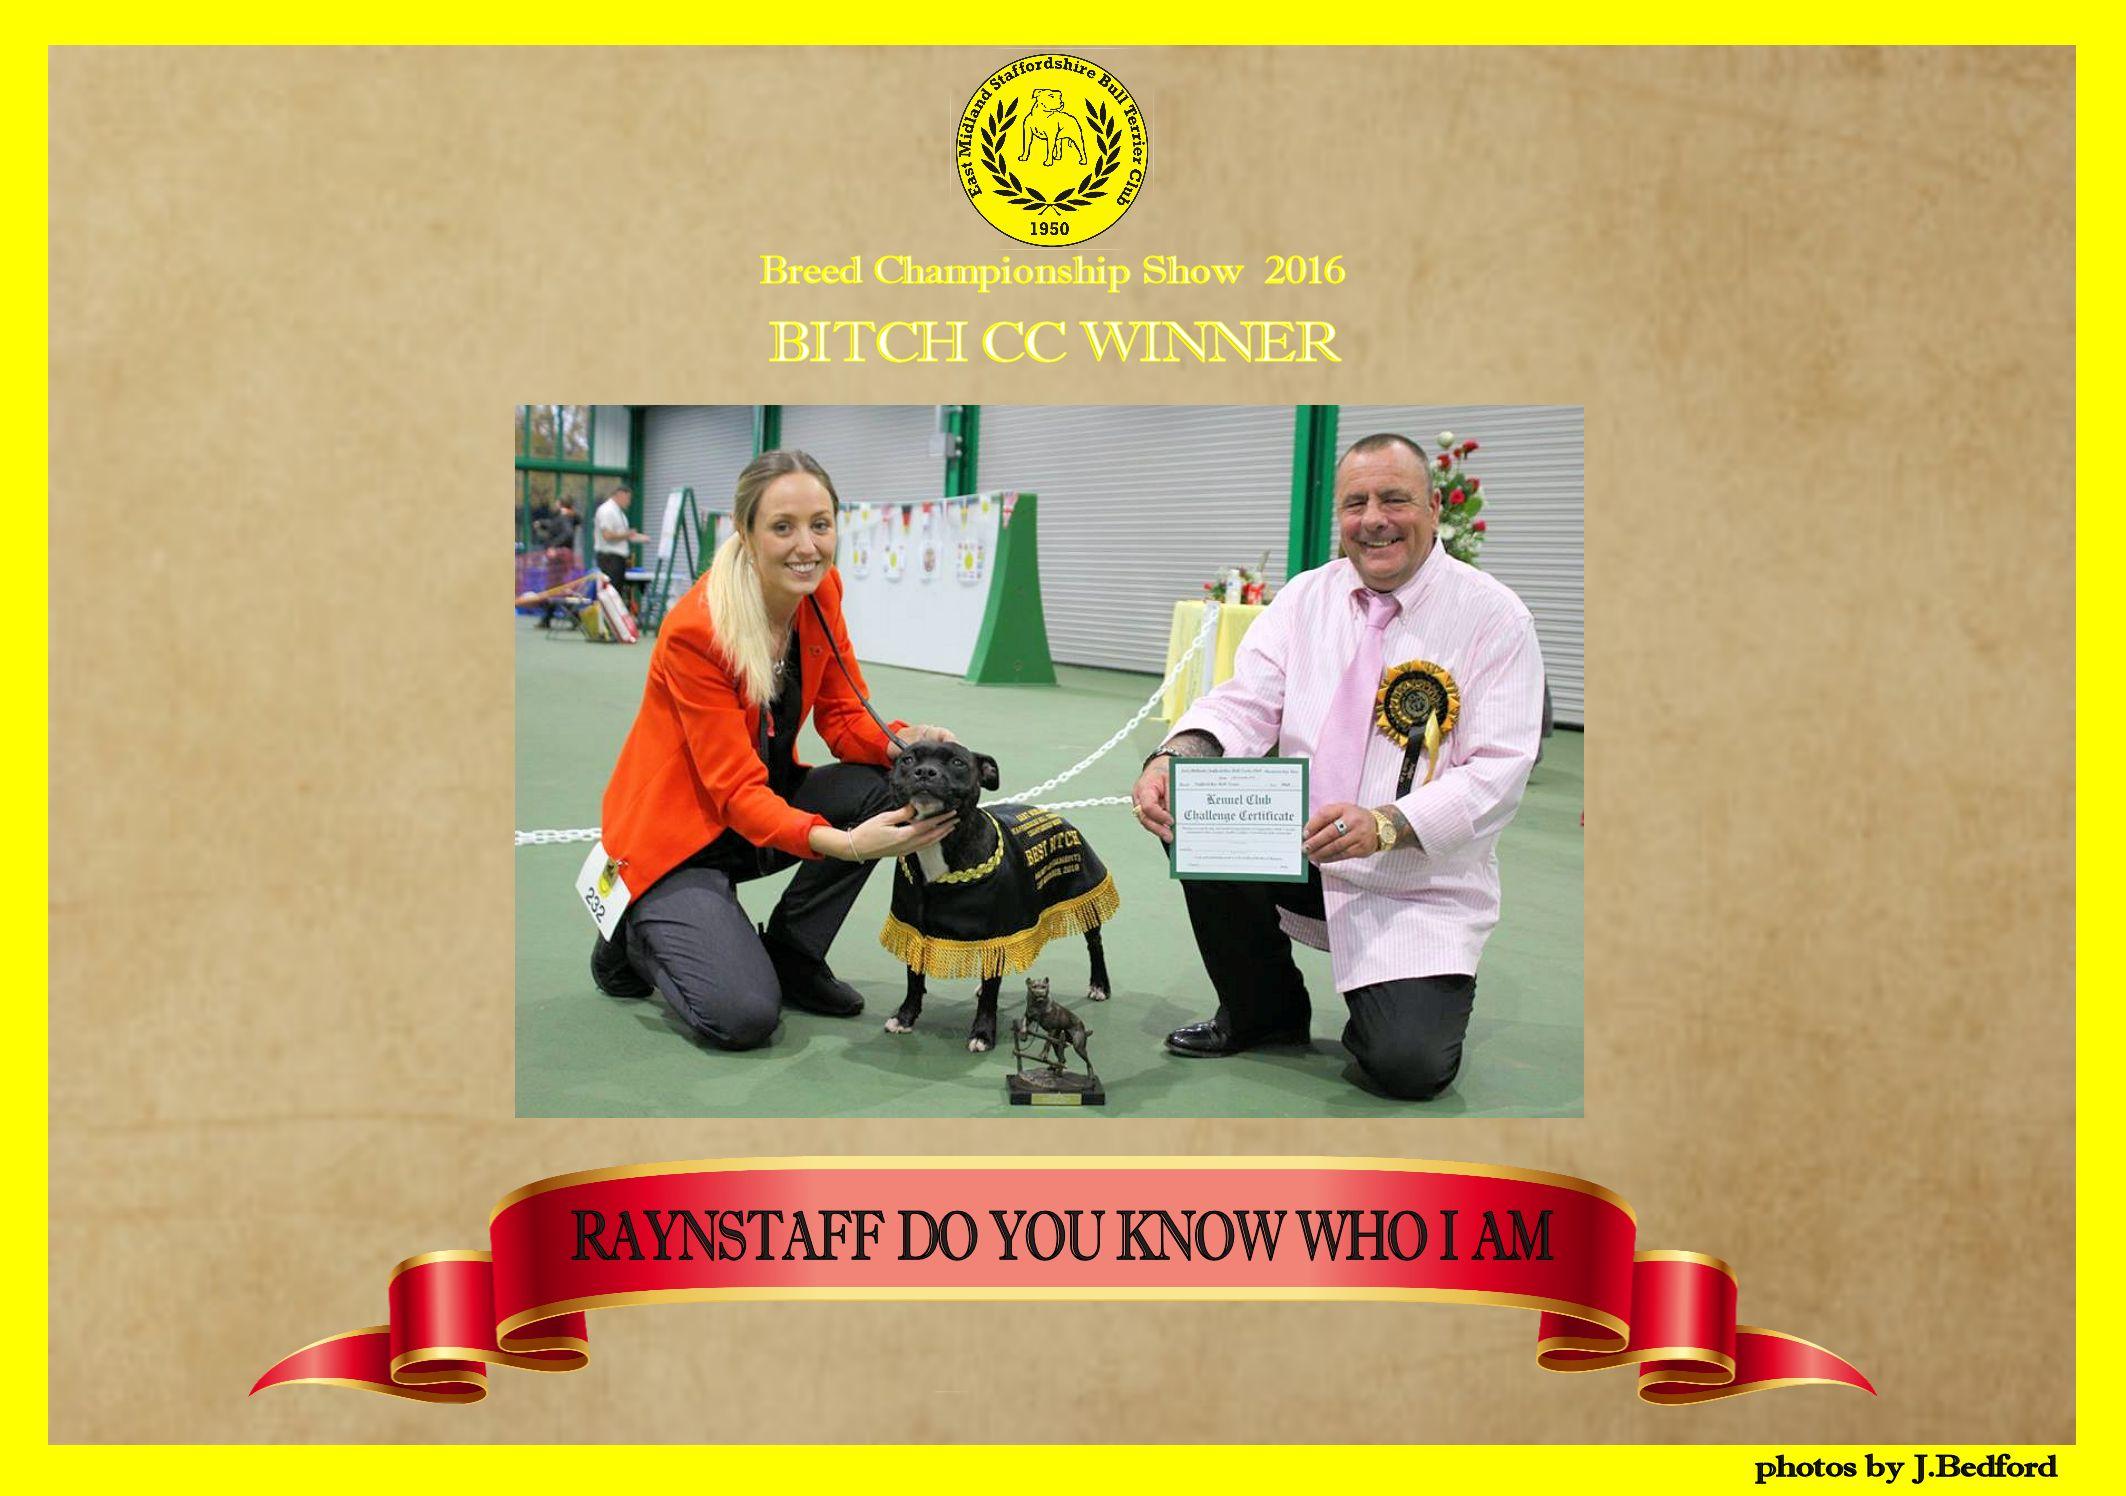 bcc-winner